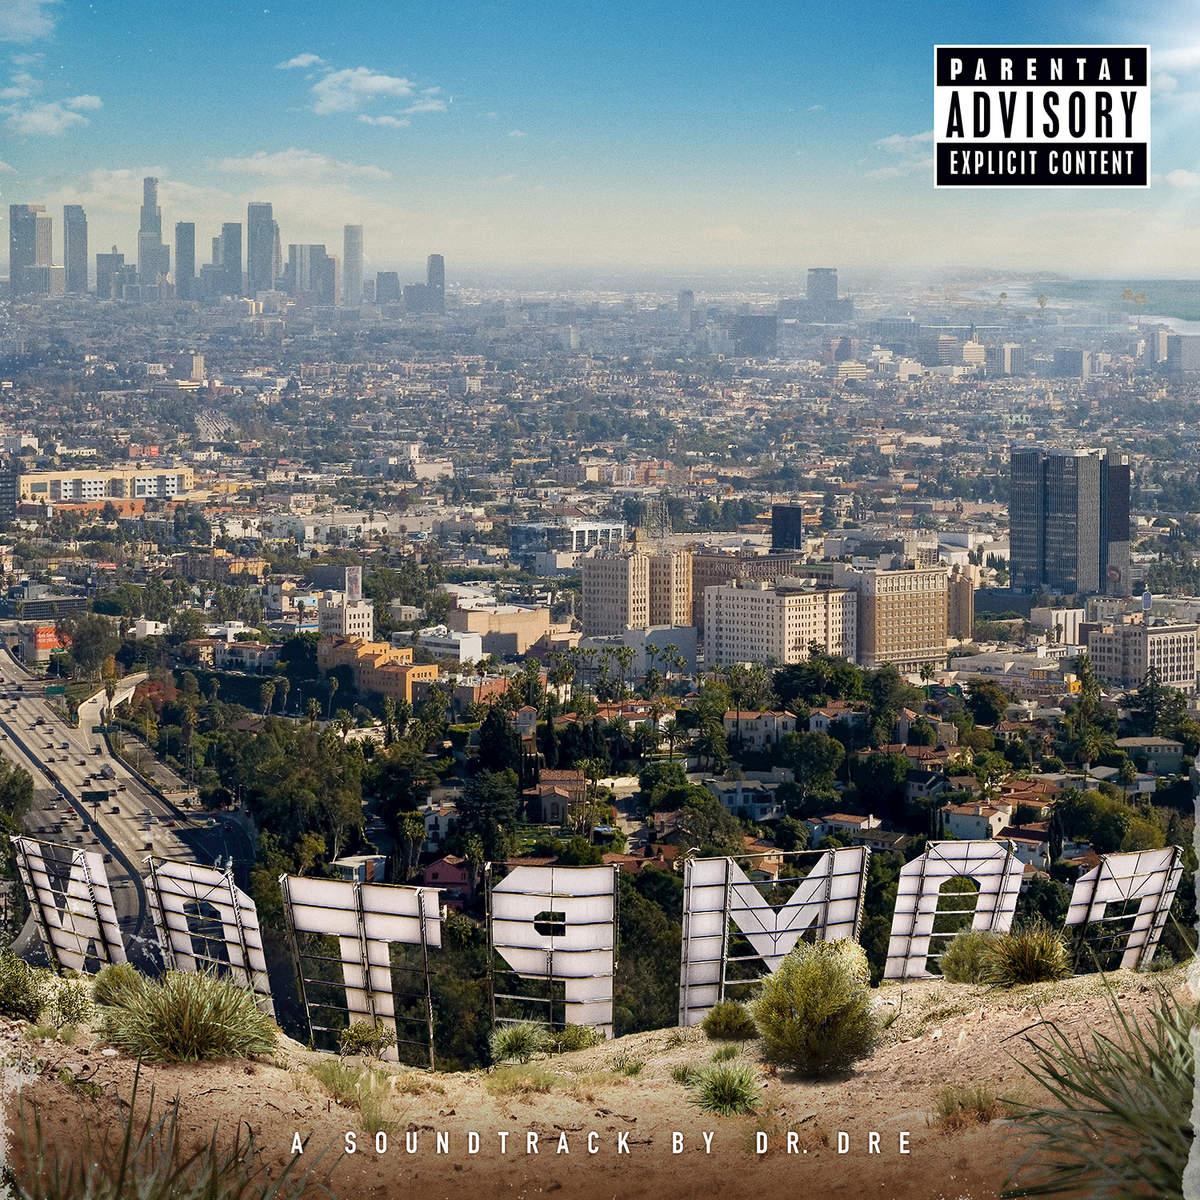 Download dr. Dre compton full album.